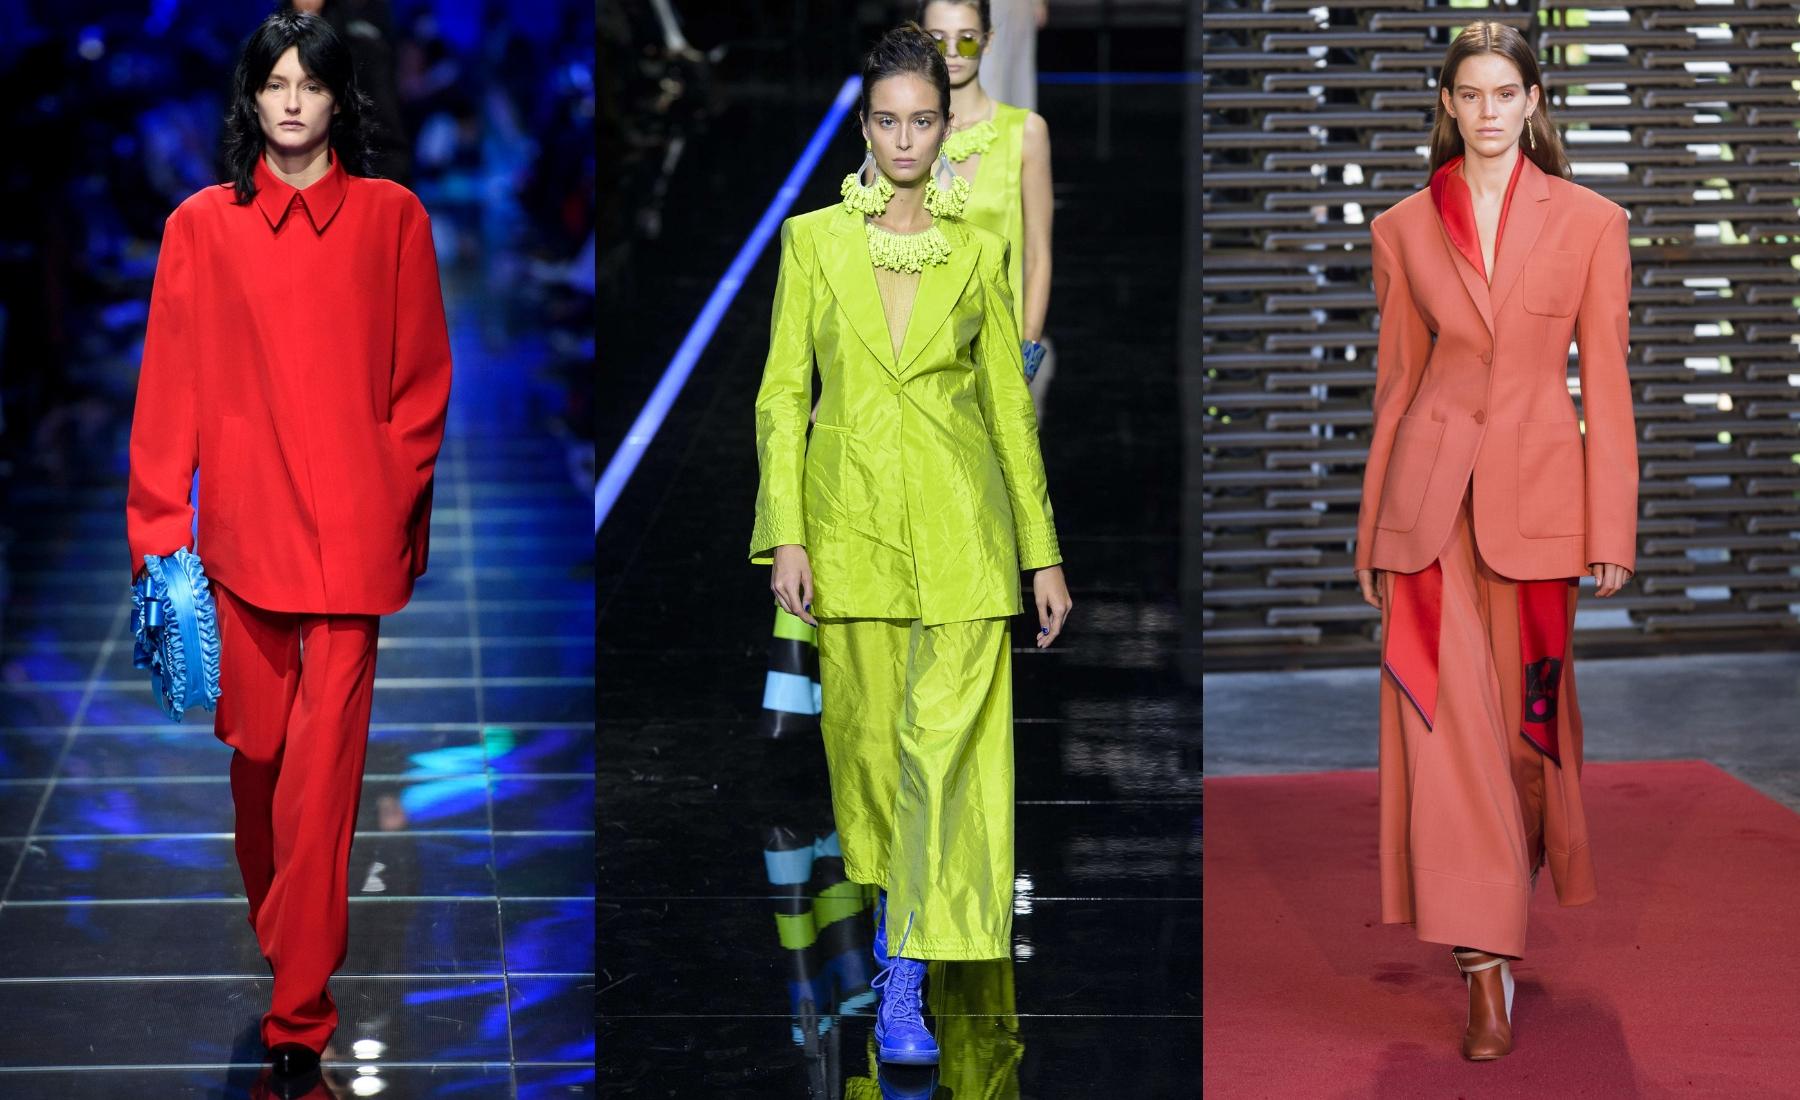 xu hướng thời trang lên ngôi tại Tuần lễ Thời trang Xuân – Hè 2019 68